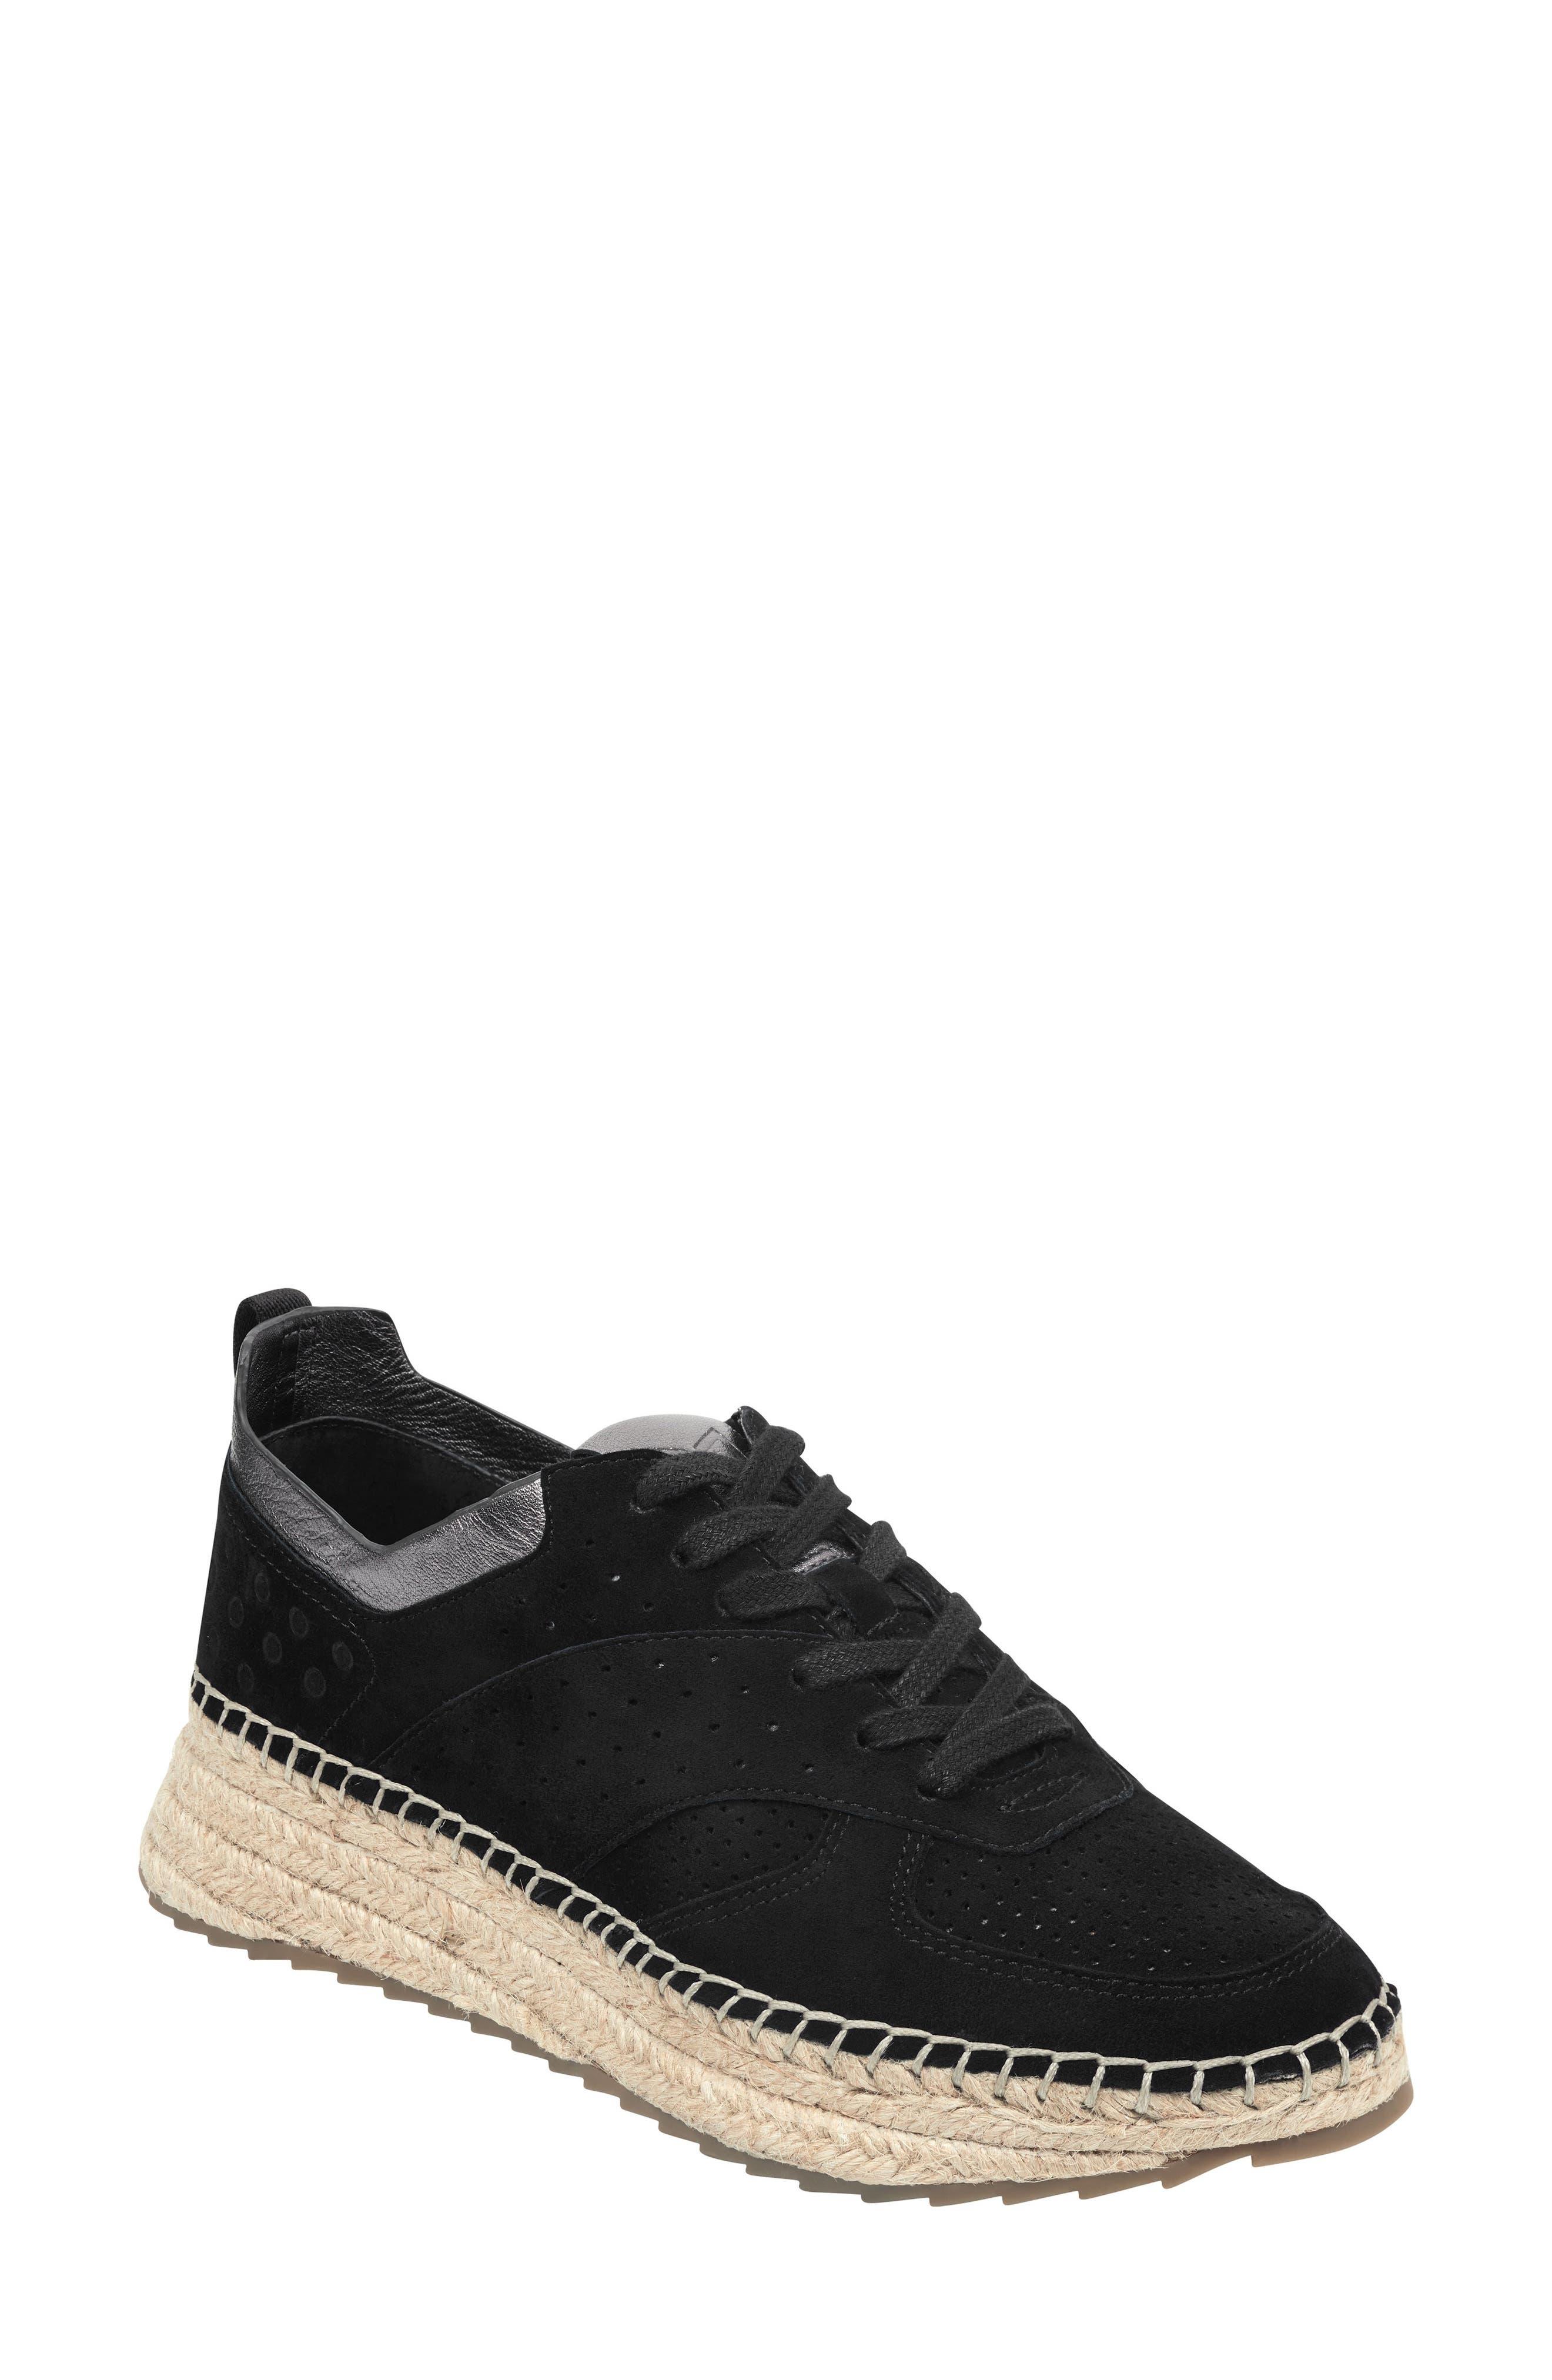 Marc Fisher LTD Julio Sneaker (Women